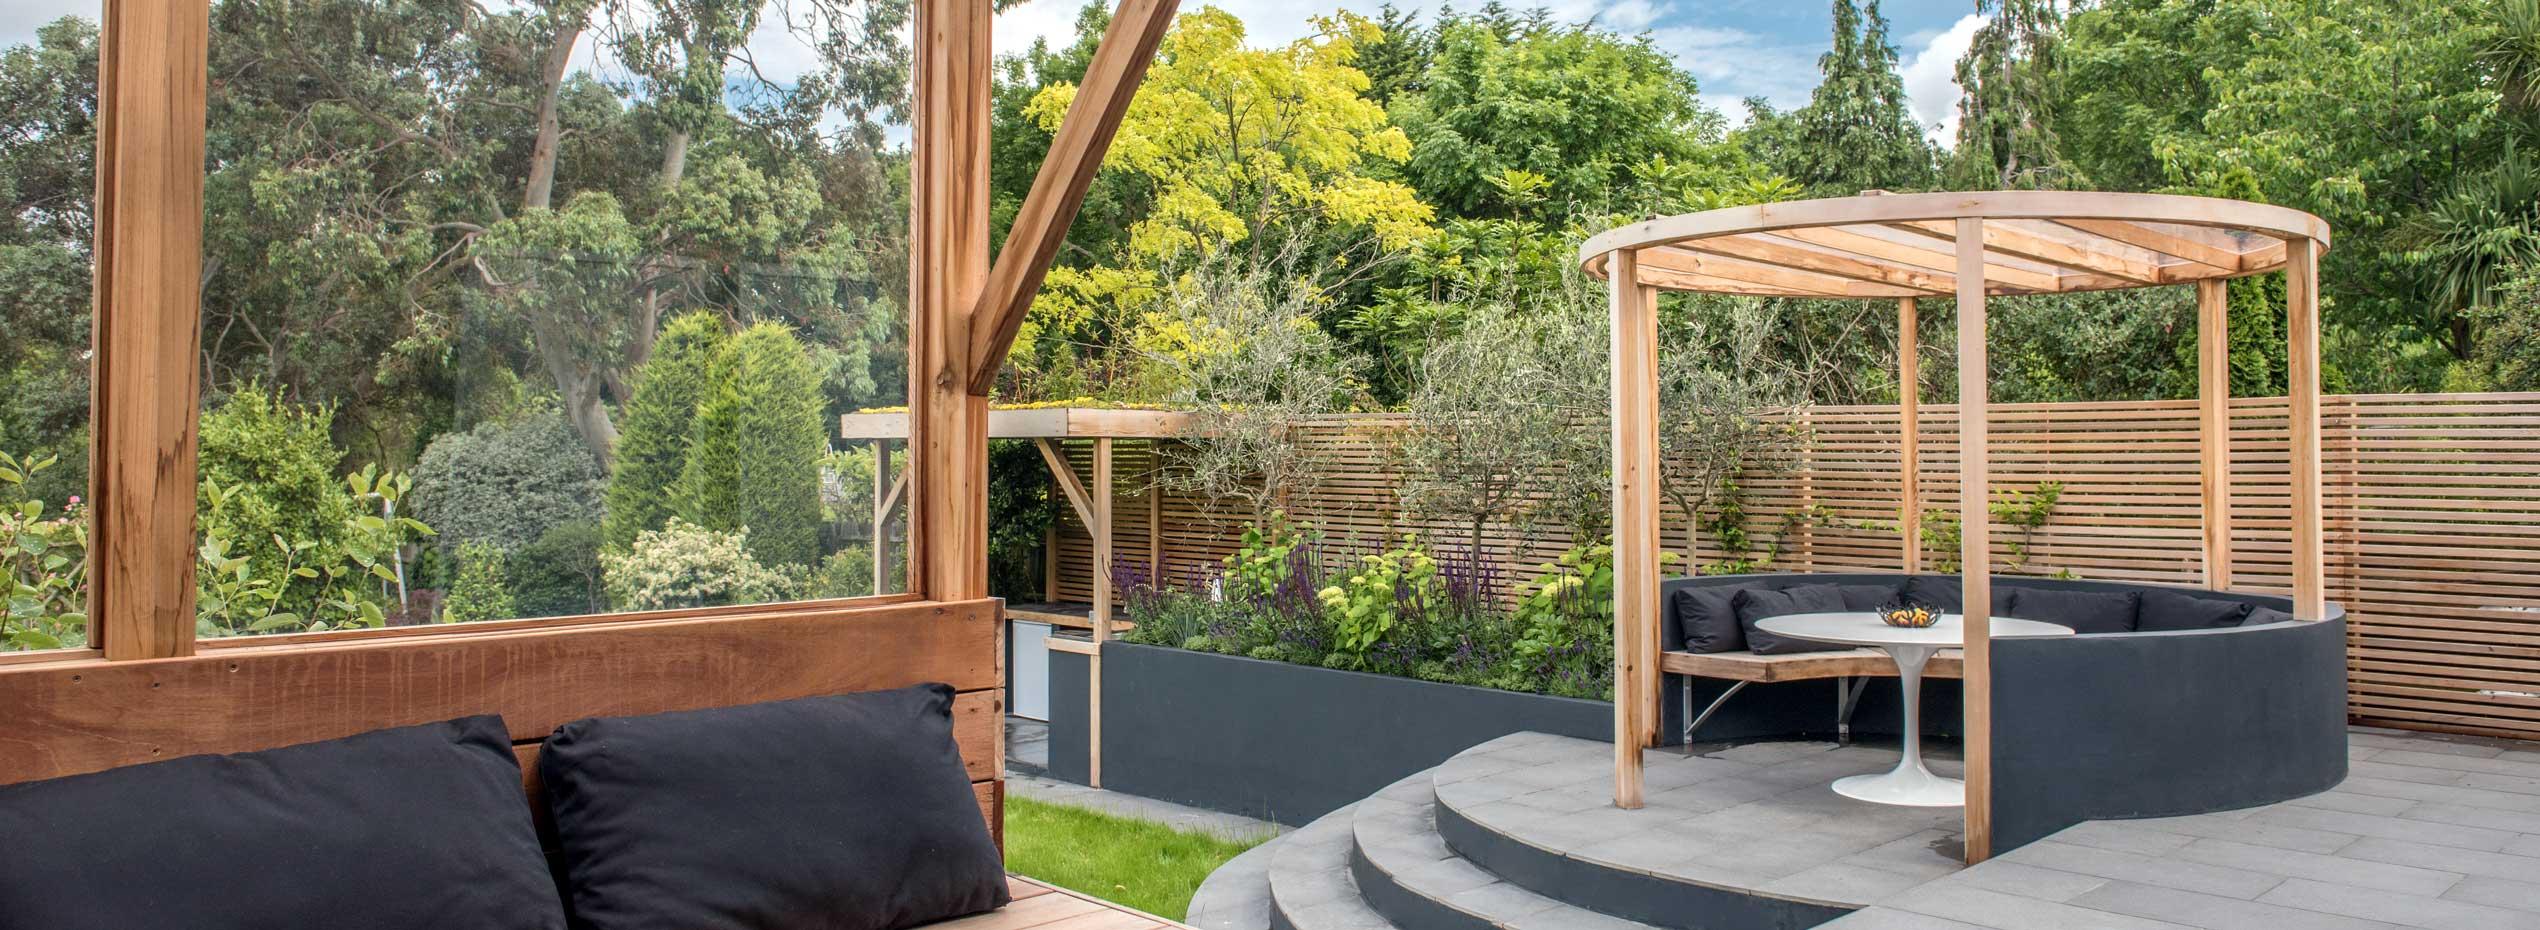 Garden Design in London, 3